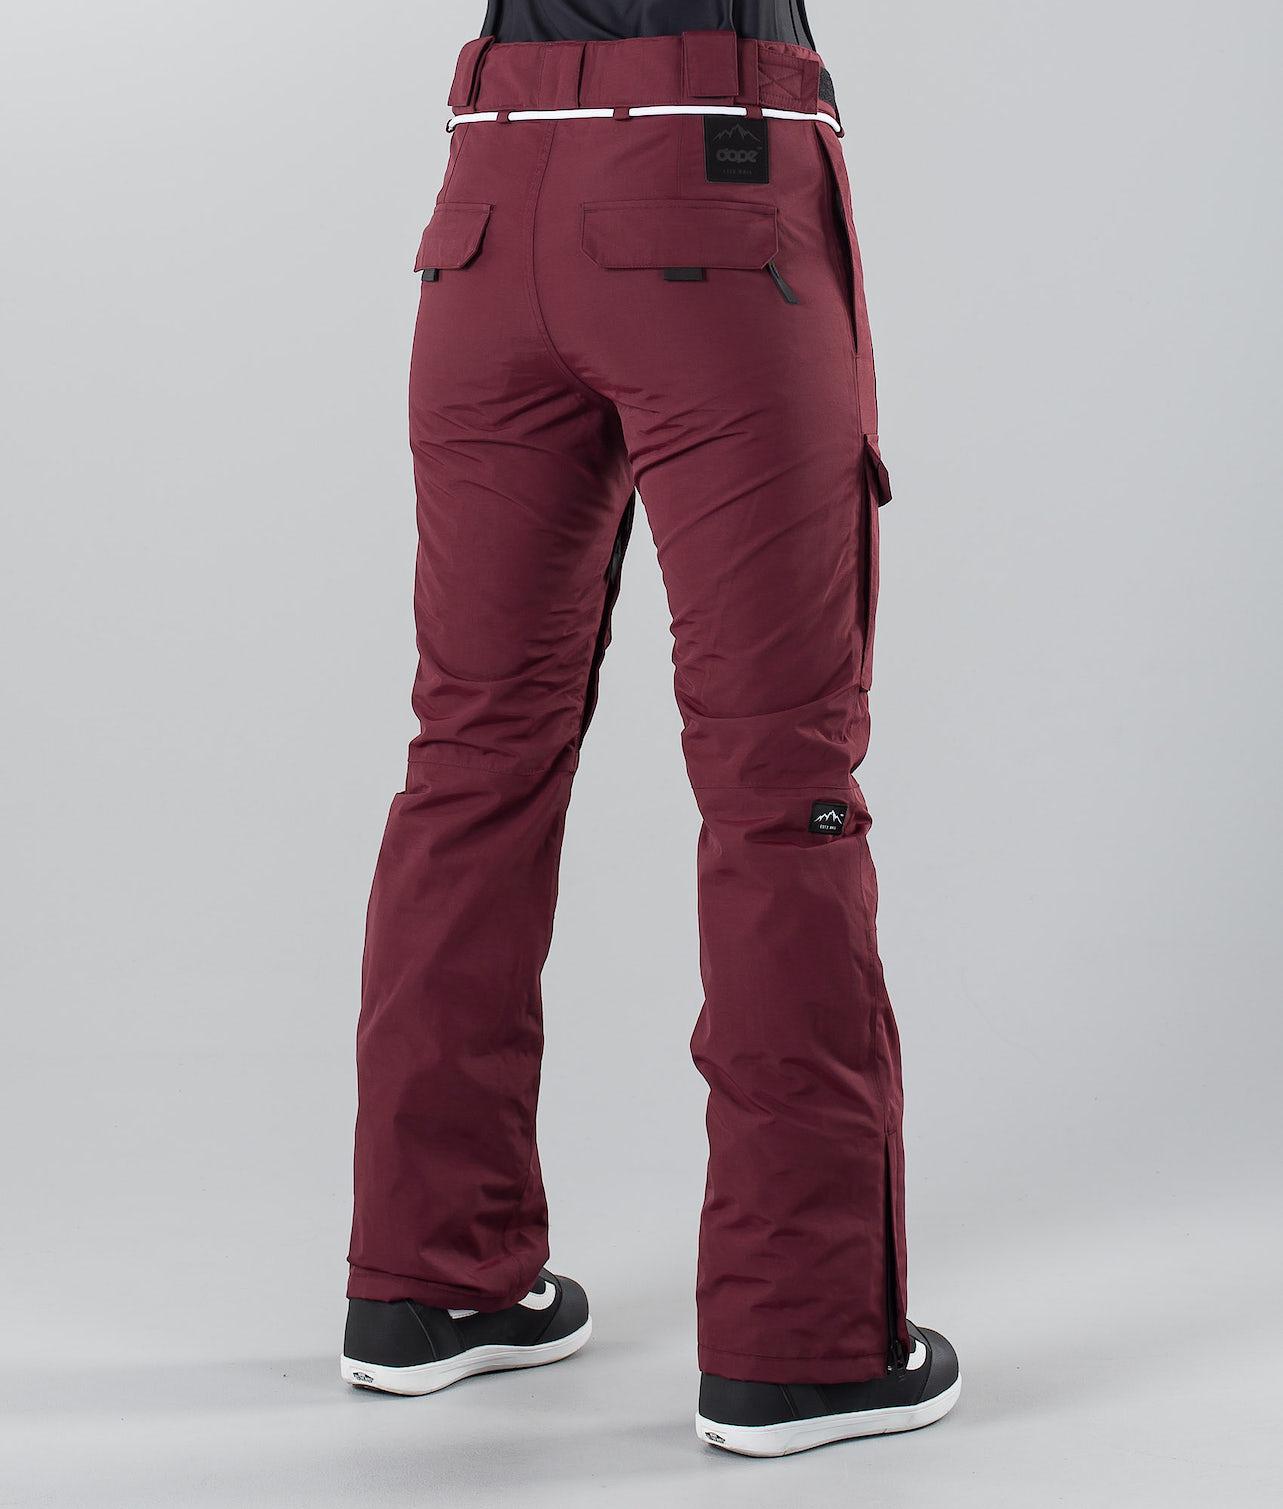 Köp Grace 18 Snowboardbyxa från Dope på Ridestore.se Hos oss har du alltid fri frakt, fri retur och 30 dagar öppet köp!